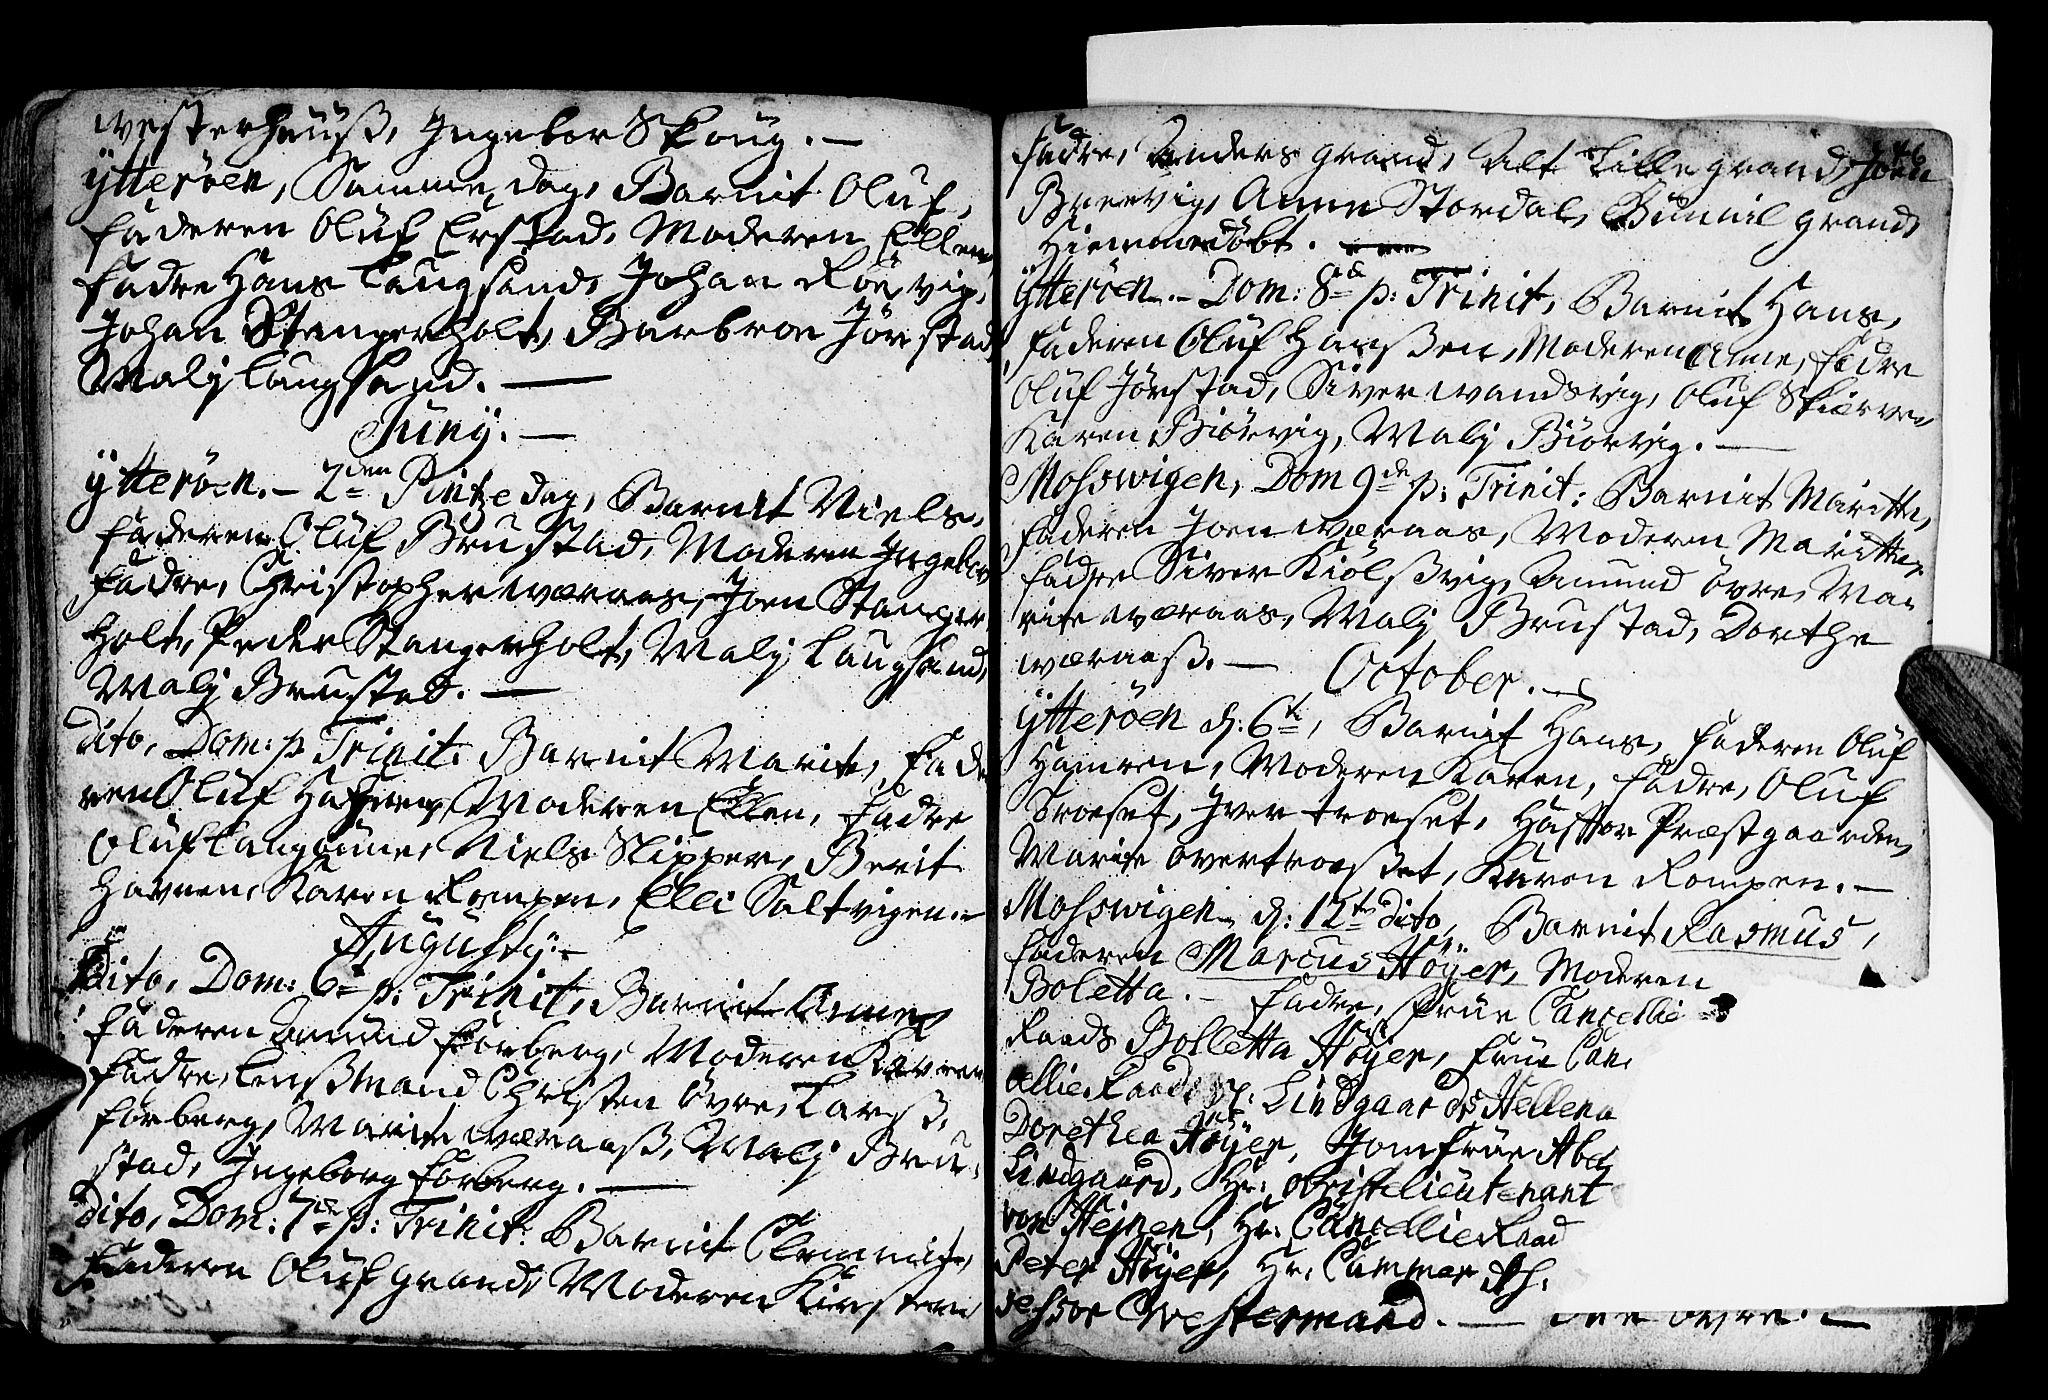 SAT, Ministerialprotokoller, klokkerbøker og fødselsregistre - Nord-Trøndelag, 722/L0215: Ministerialbok nr. 722A02, 1718-1755, s. 46